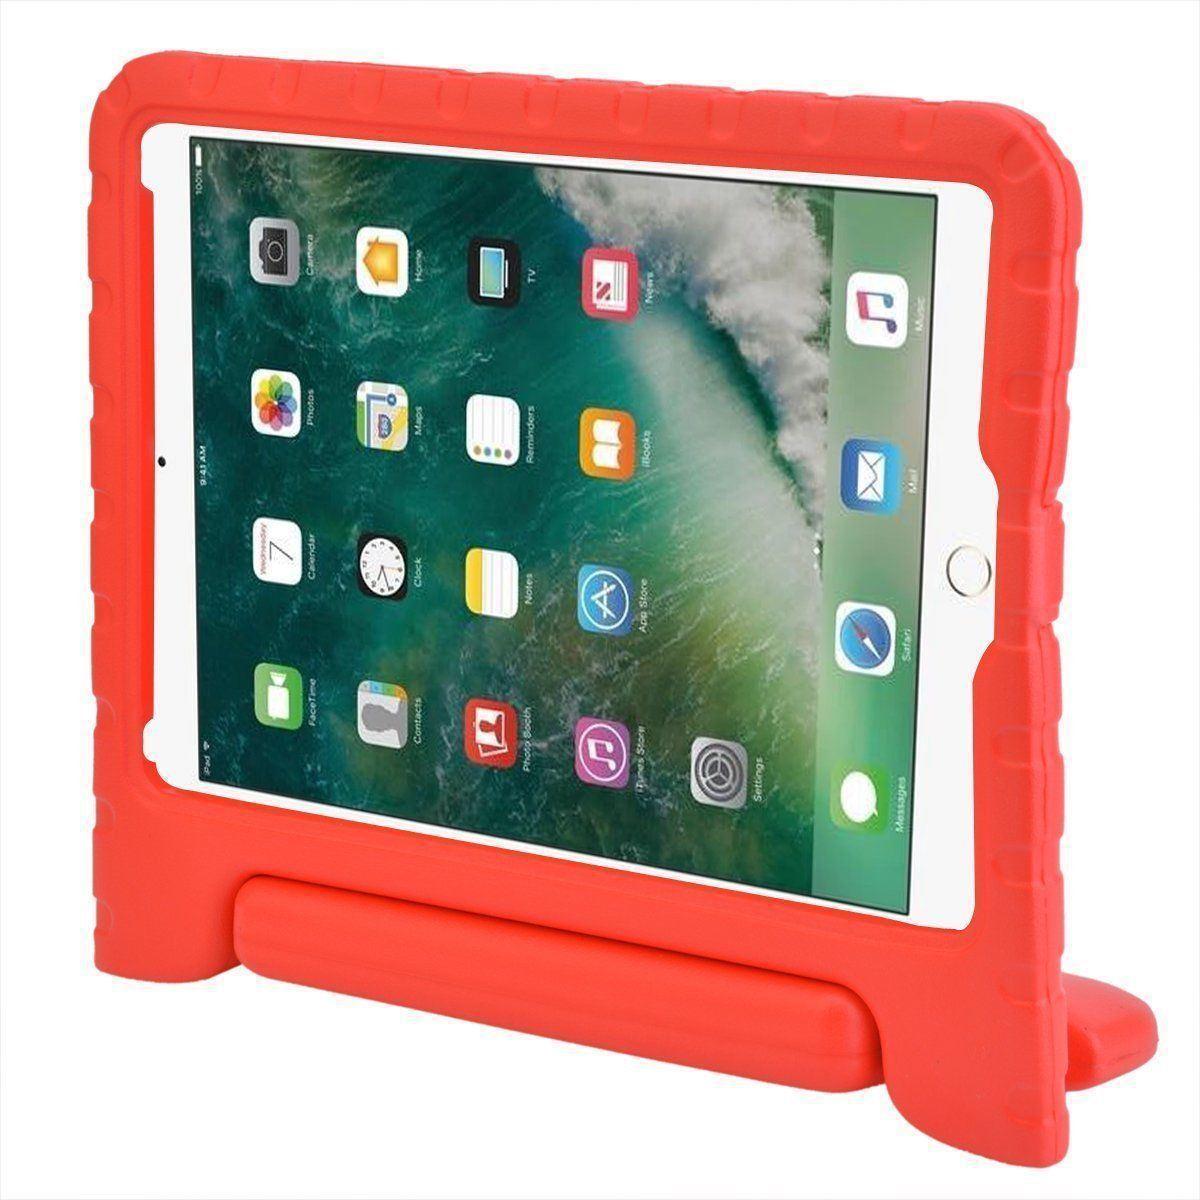 Capa Ipad Pro 9.7 Apple A1673 A1674 A1675 Anti Impacto Infantil com Alça